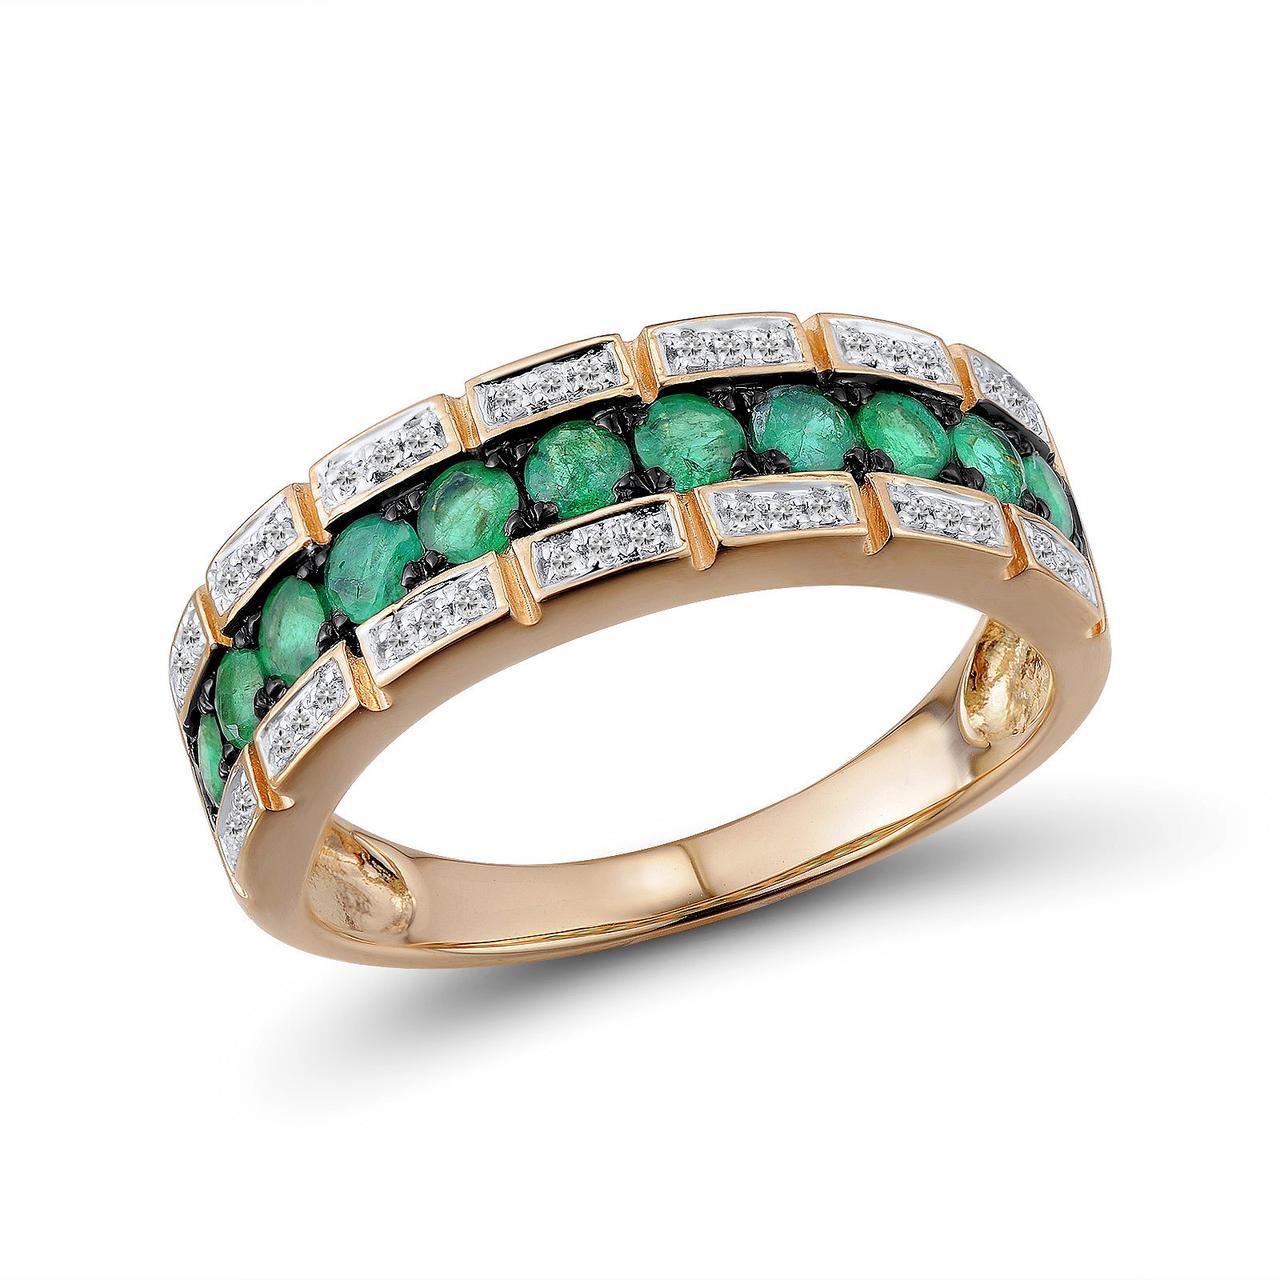 Золотое кольцо с бриллиантами и изумрудами, размер 17.5 (1618944)